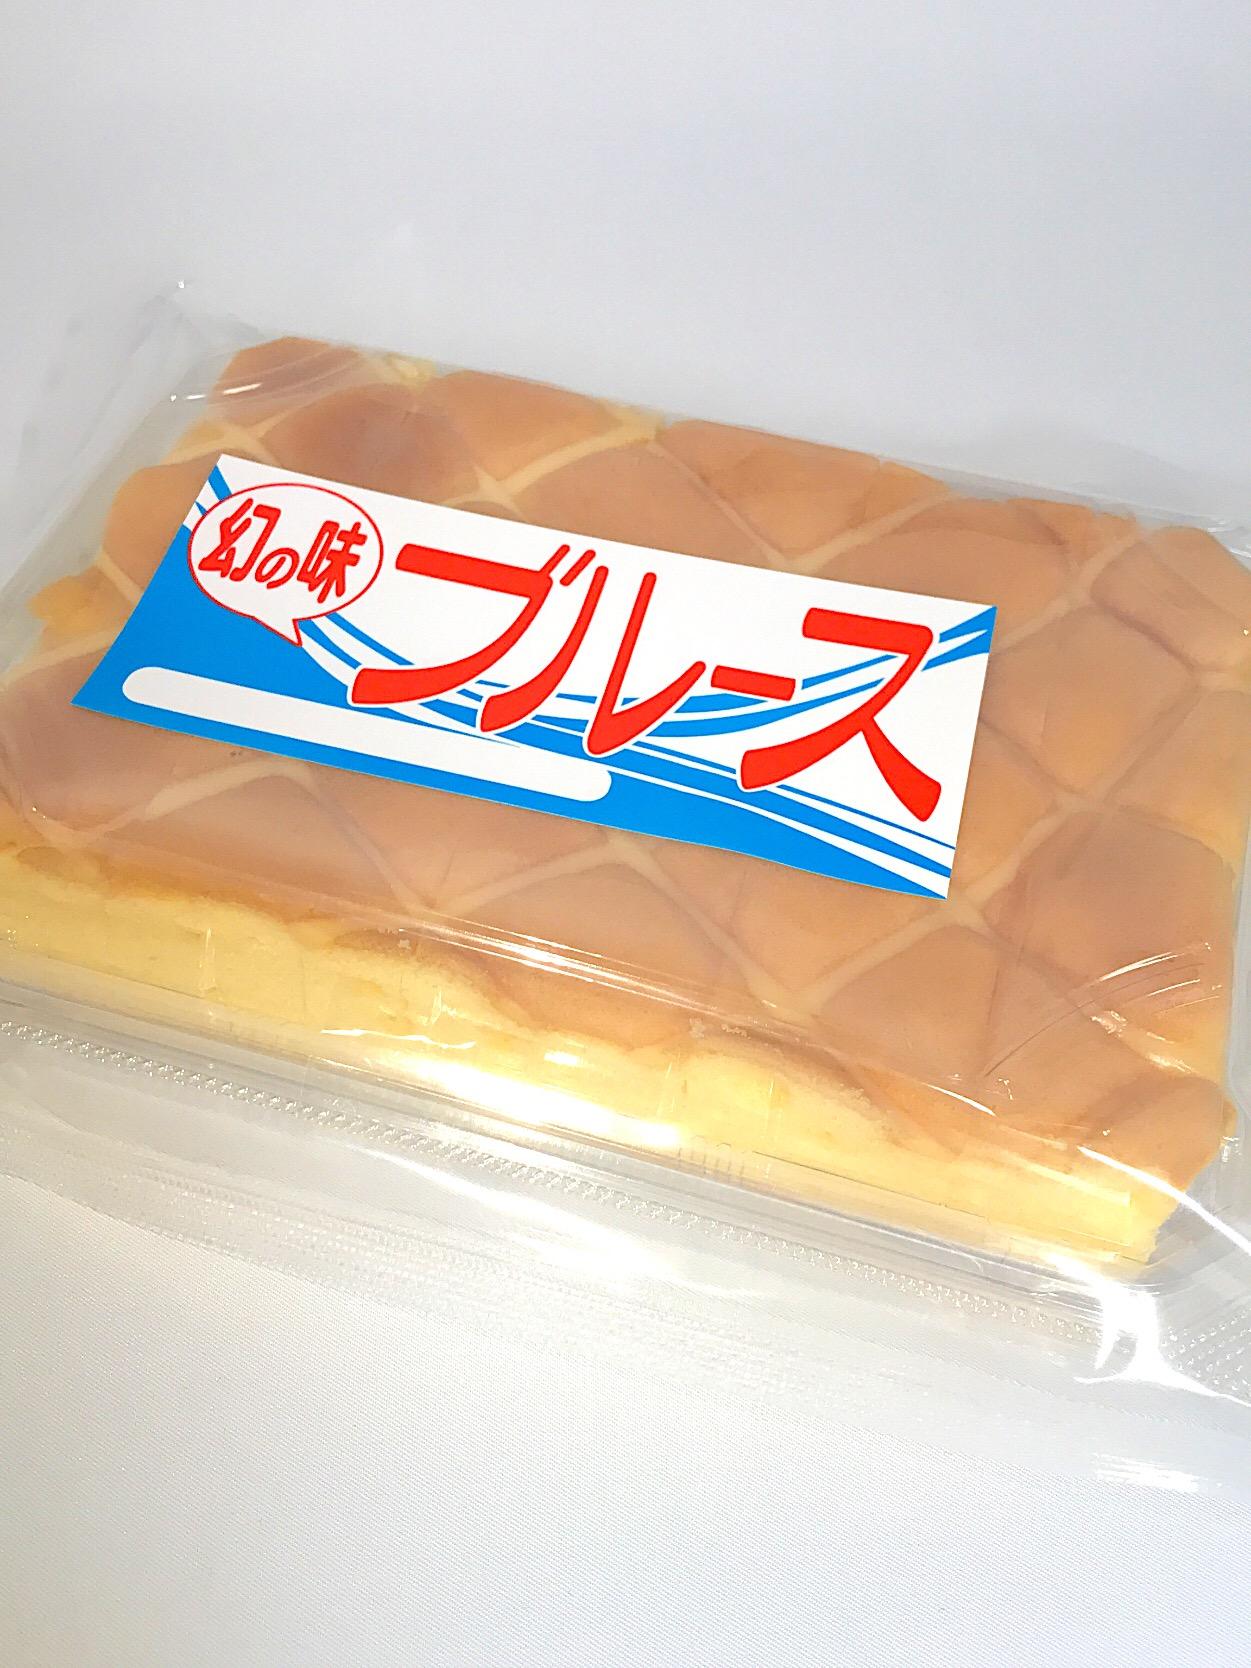 県民でさえ入手困難!沖縄「幻の味ブルース」はひと口で食べた人をトリコに!?